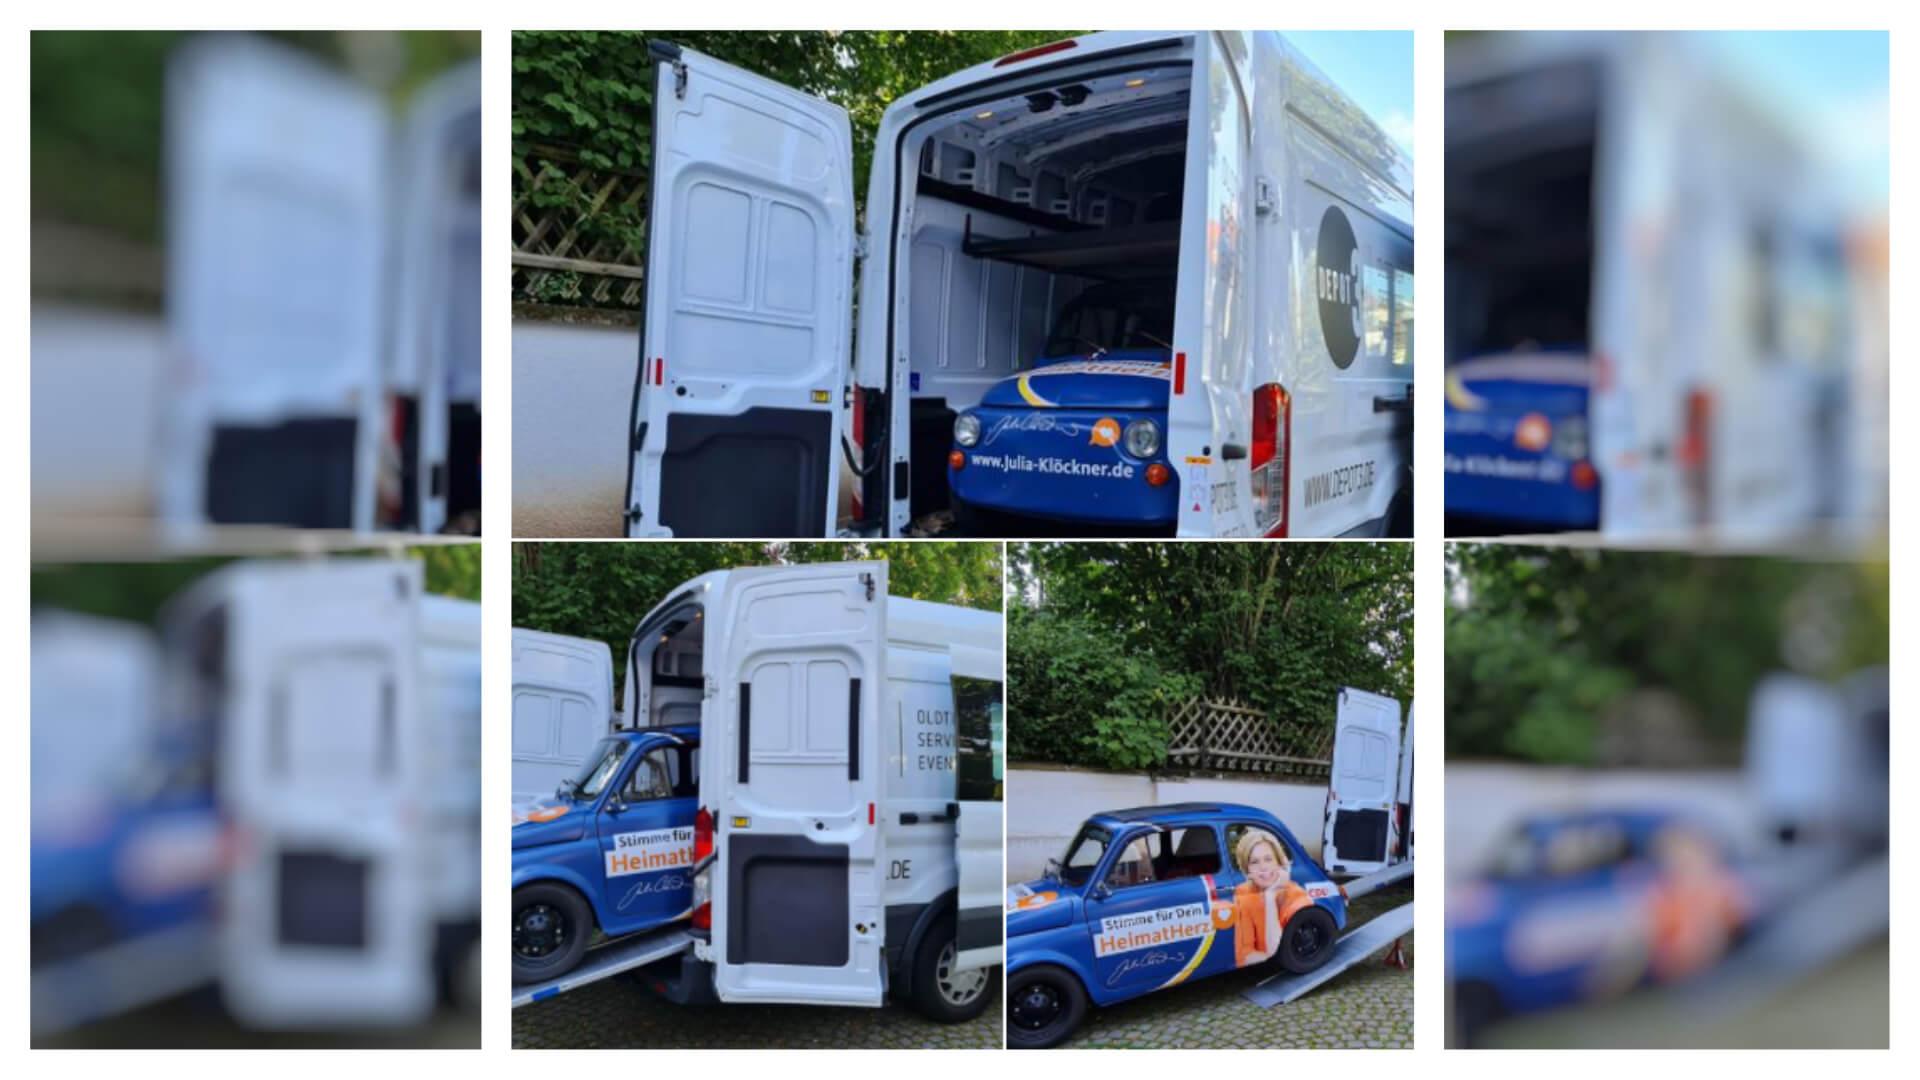 Nein, diese Fotos zeigen nicht, wie Julia Klöckners Elektroauto mit einem Transporter zu Wahlkampfauftritten gebracht wird